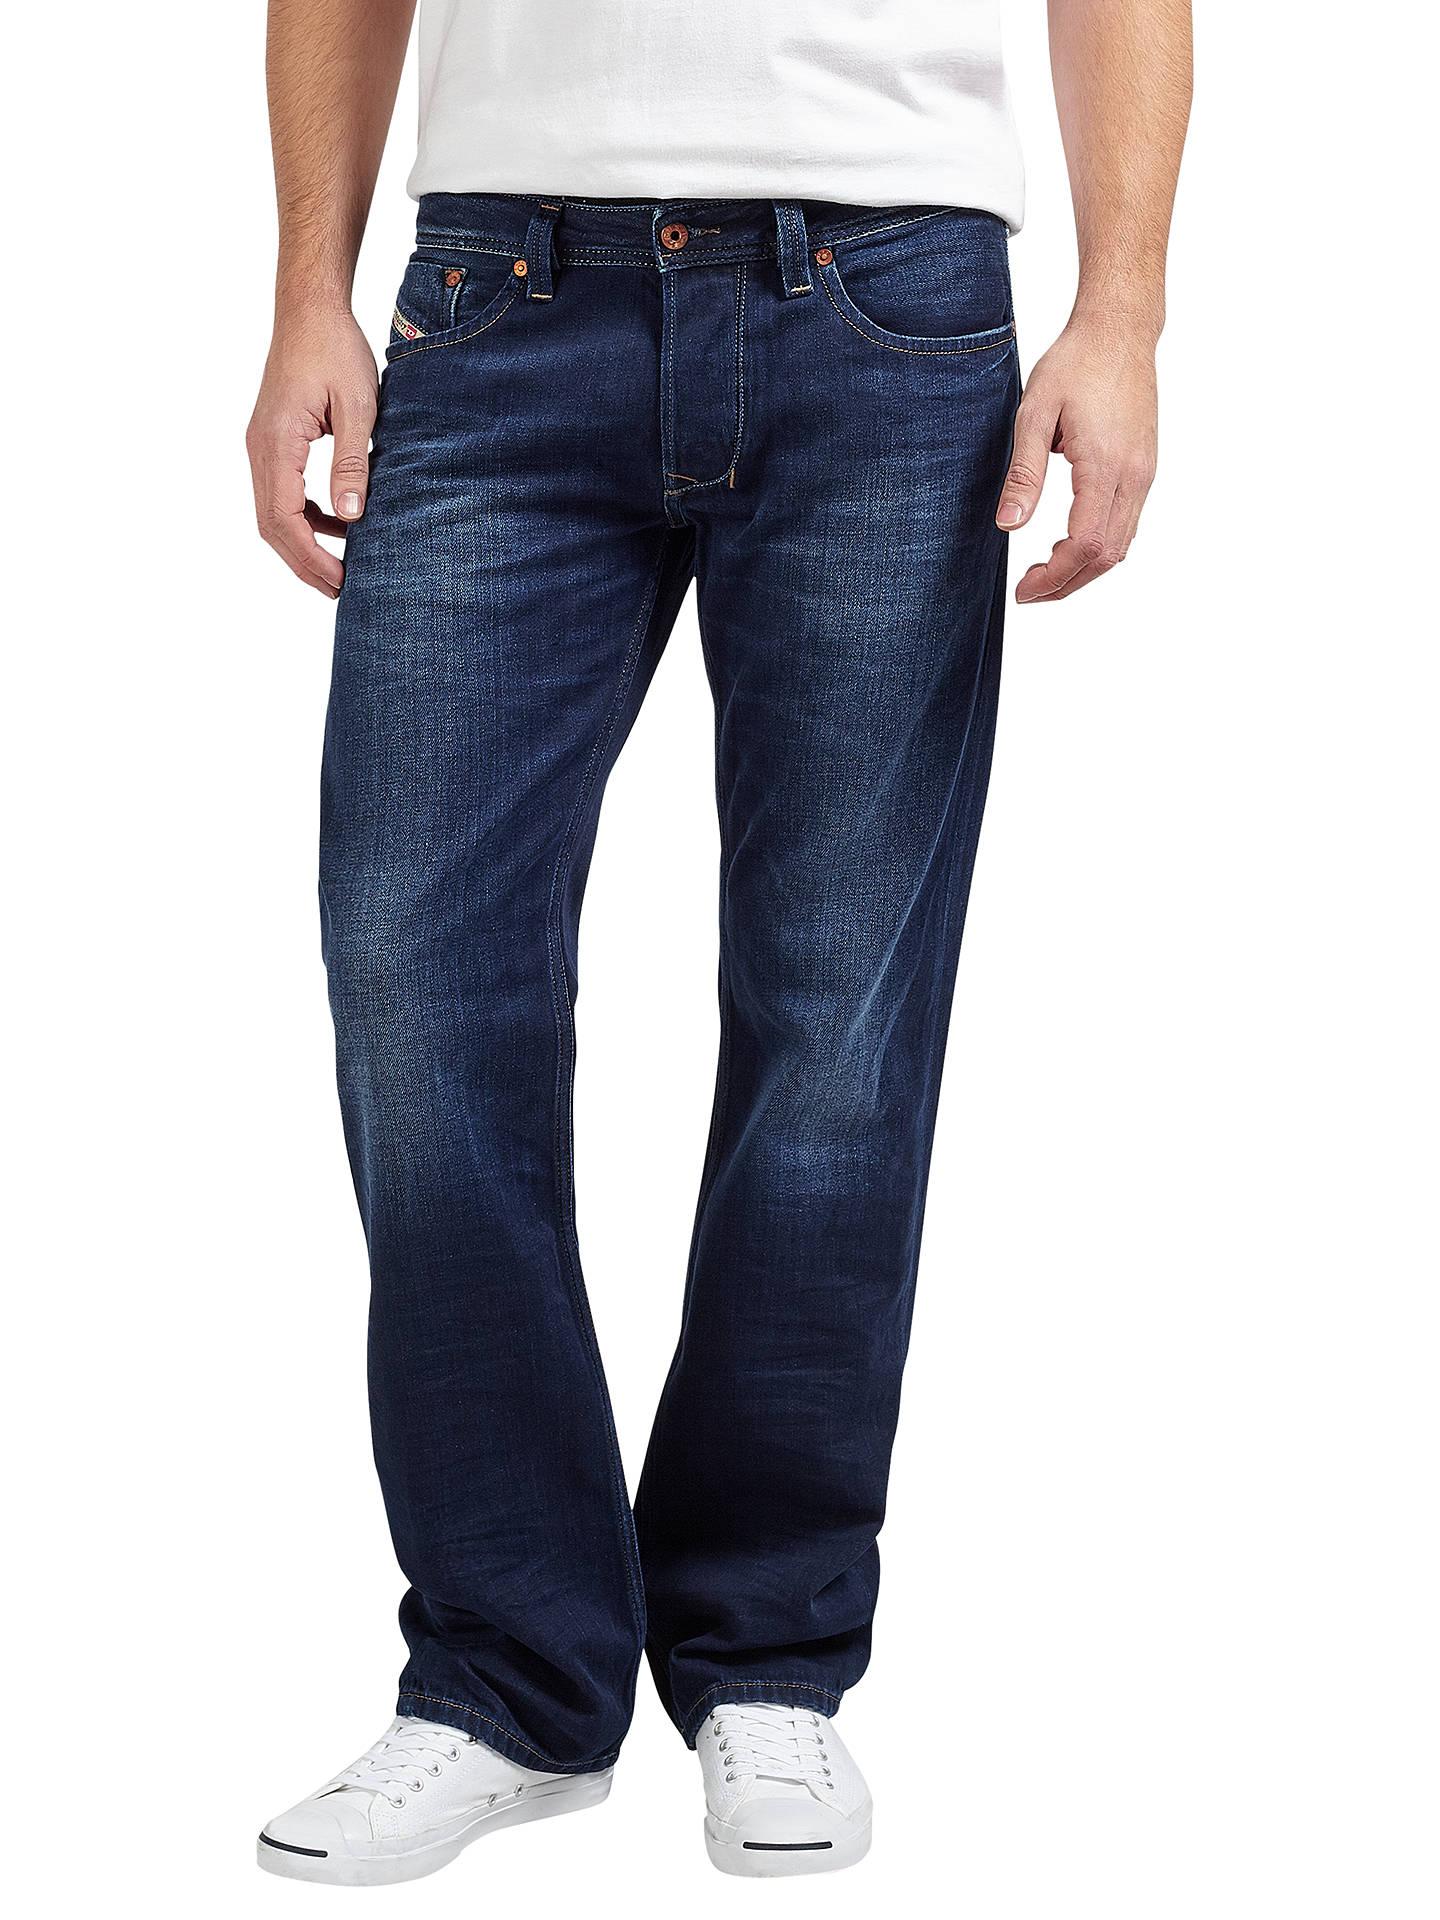 a3909b6f Buy Diesel Larkee Straight Jeans, Dark Wash 0860M, 30S Online at  johnlewis.com ...